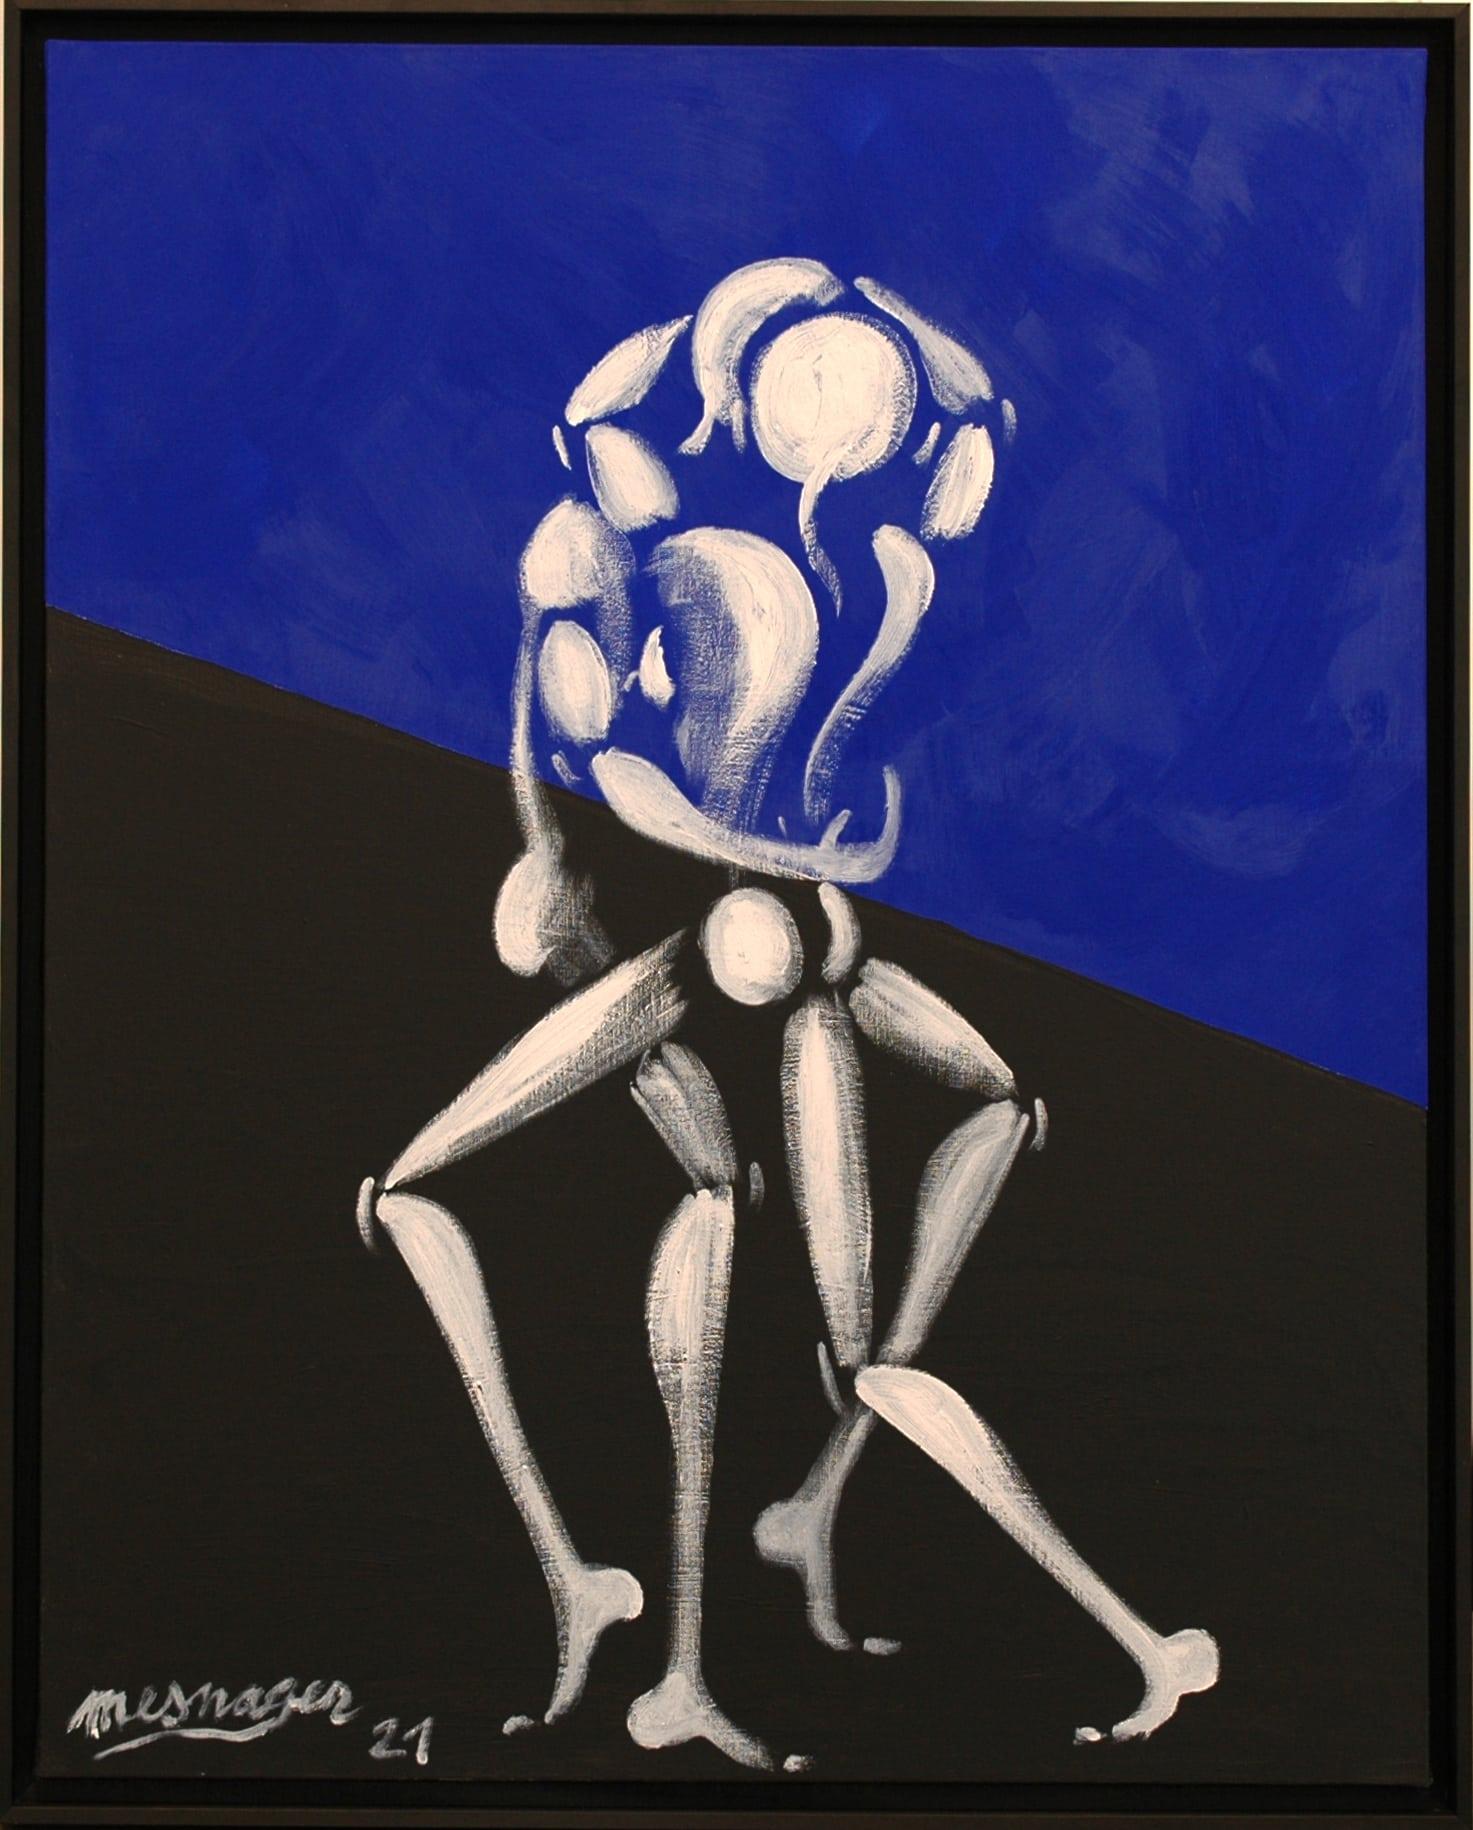 Galerie Art Jingle Jérôme MESNAGER Danse Passionnée 100 x 81 cm (Réf. 53) 2021